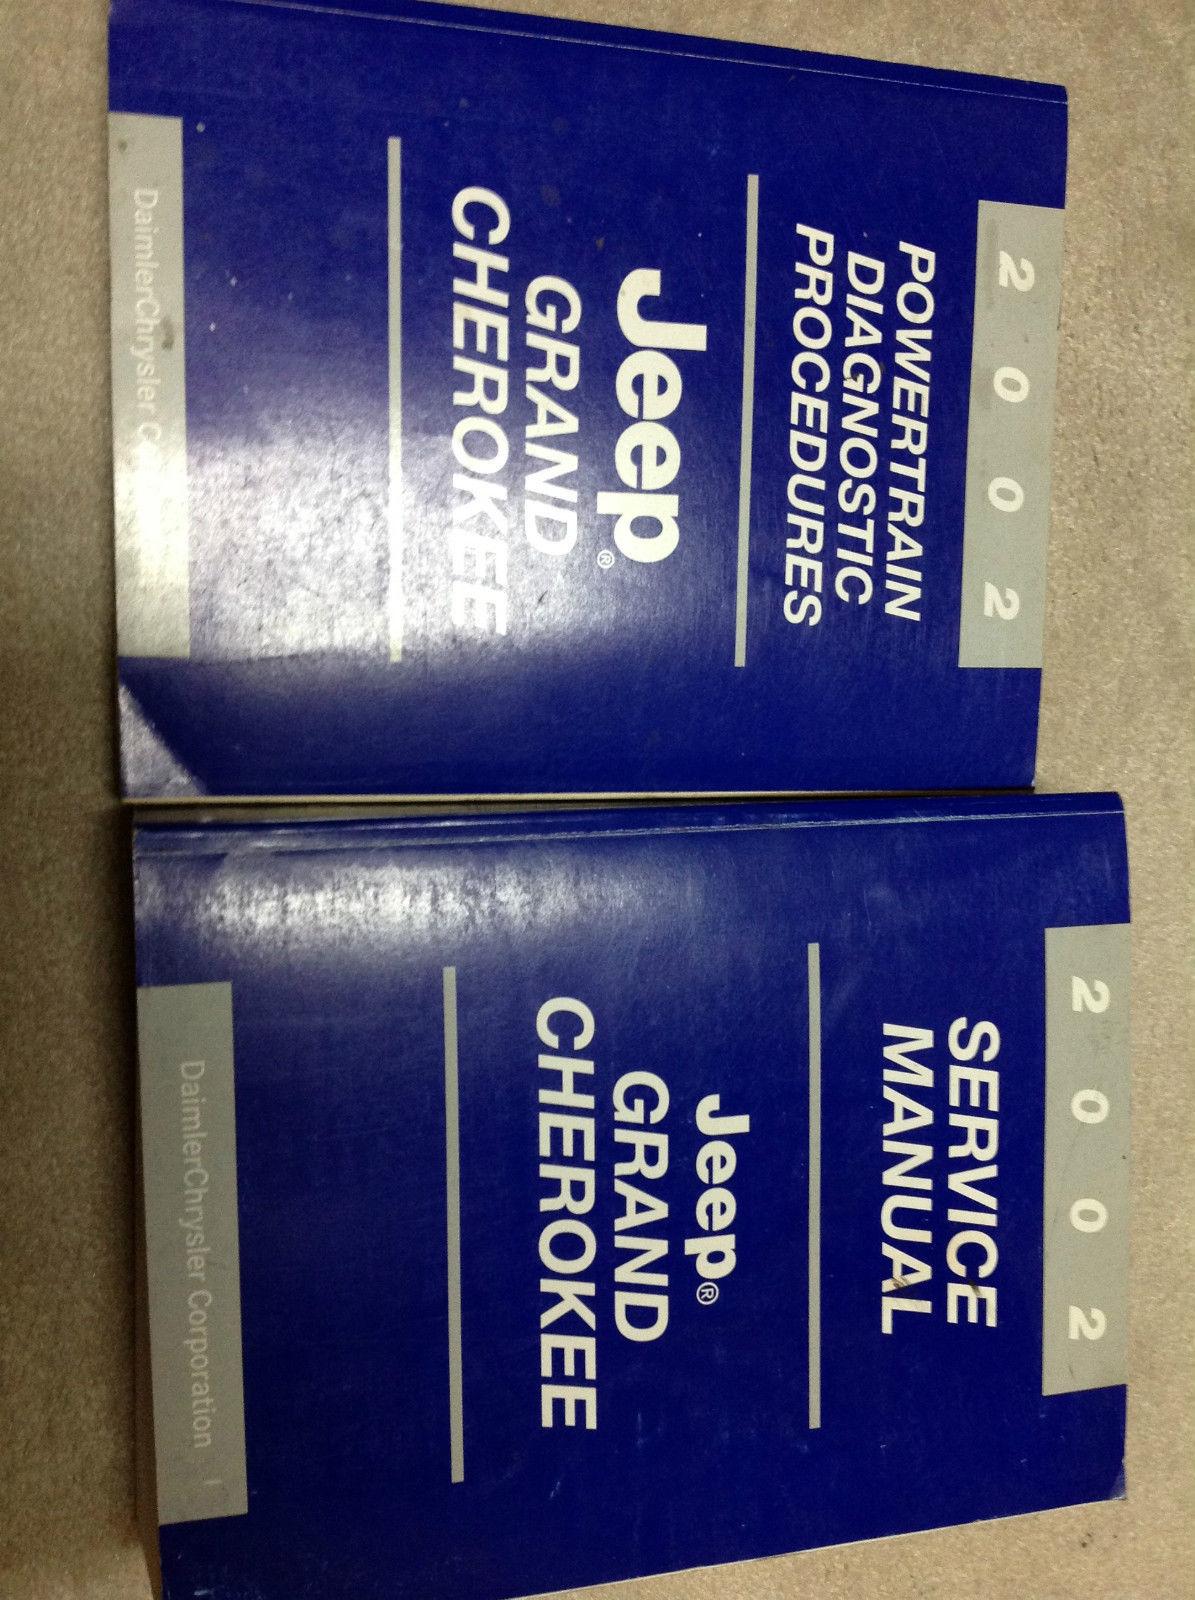 t2ec16d zcfidbuu5lwbsqj0odth 60 57. t2ec16d zcfidbuu5lwbsqj0odth 60 57.  2002 JEEP GRAND CHEROKEE Service Shop Repair Manual ...